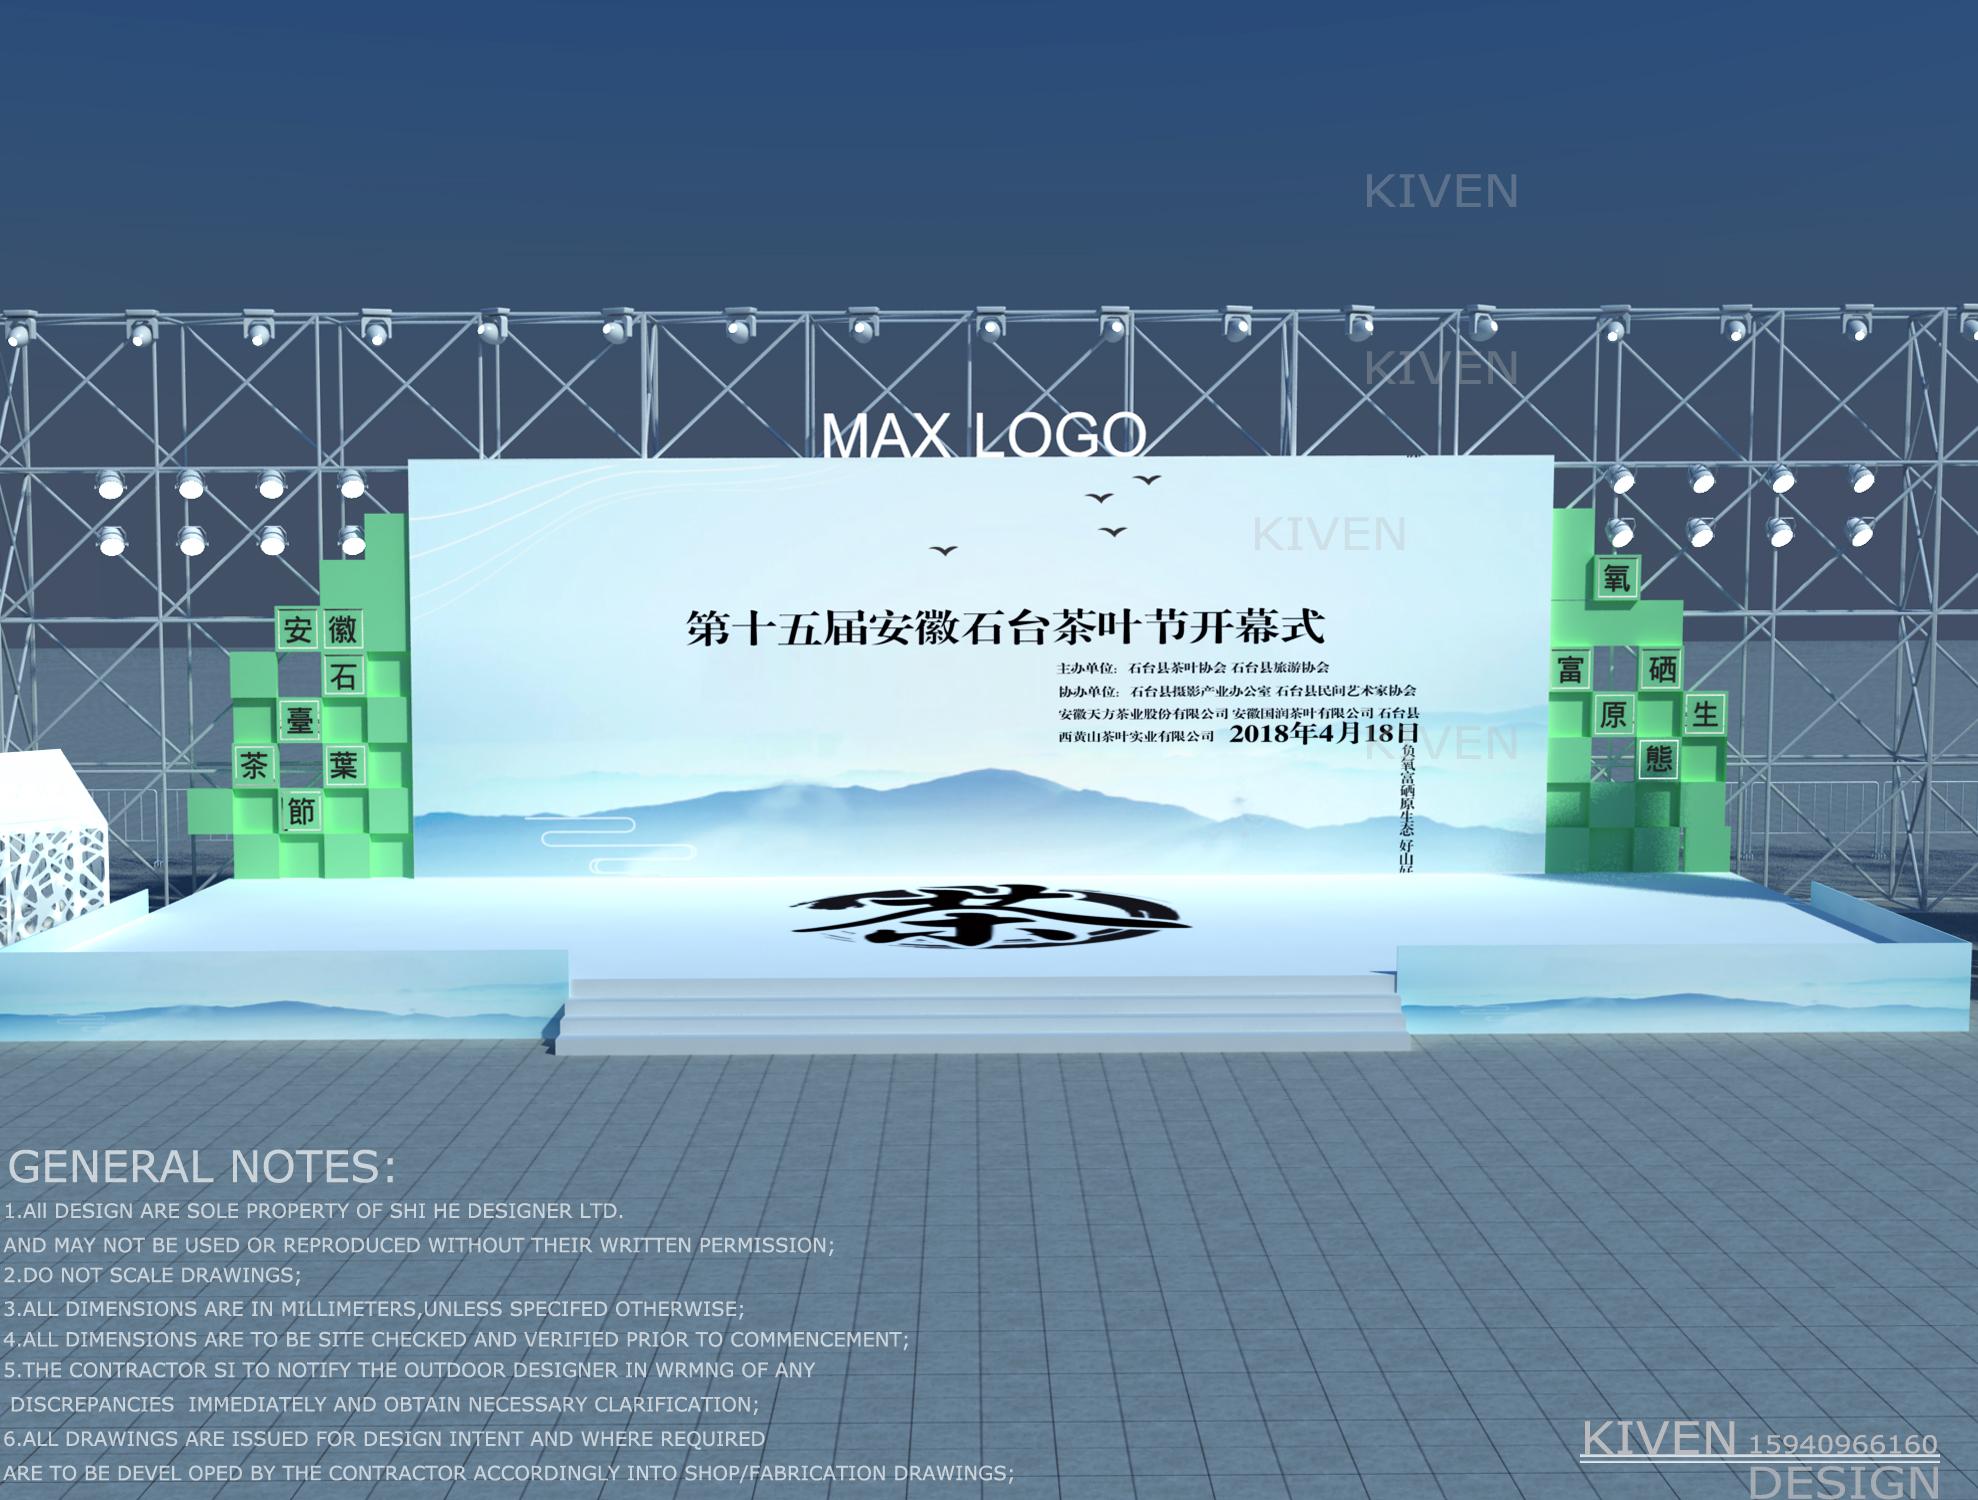 安徽石台茶叶节舞台及背景效果设计_2960328_k68威客网